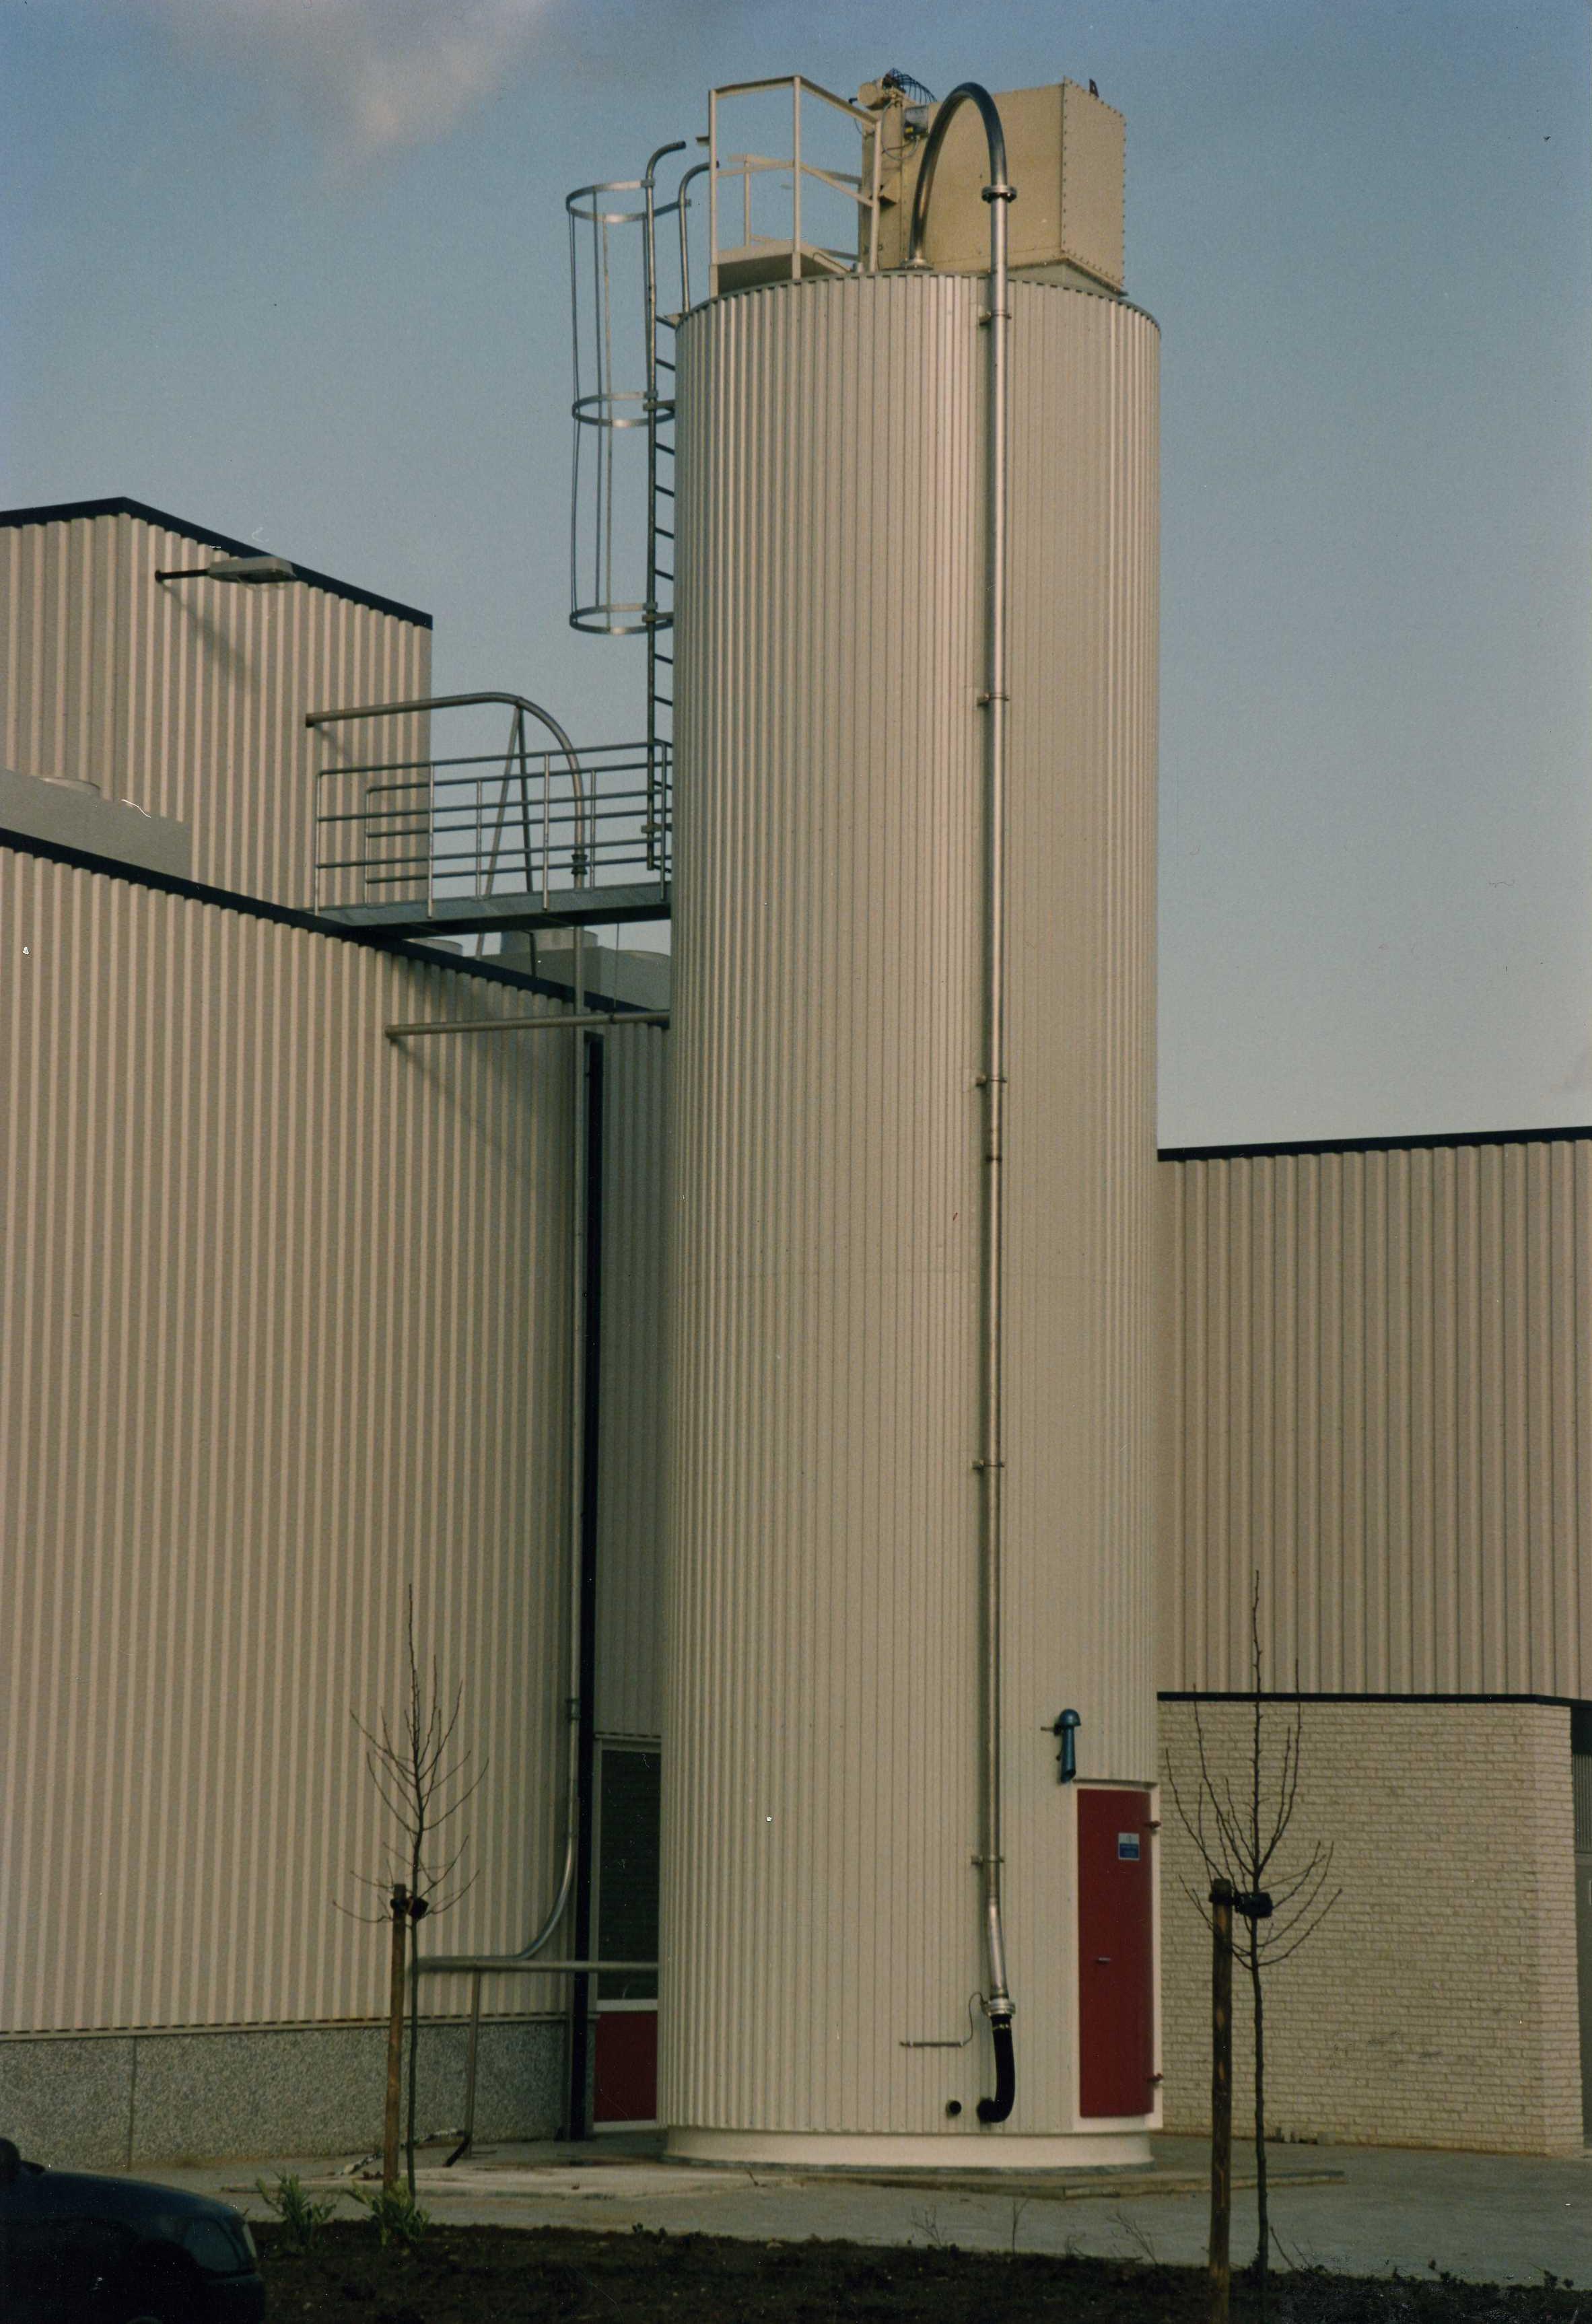 Suikersilo 80 m3, buitenopstelling, geïsoleerd en geconditioneerd